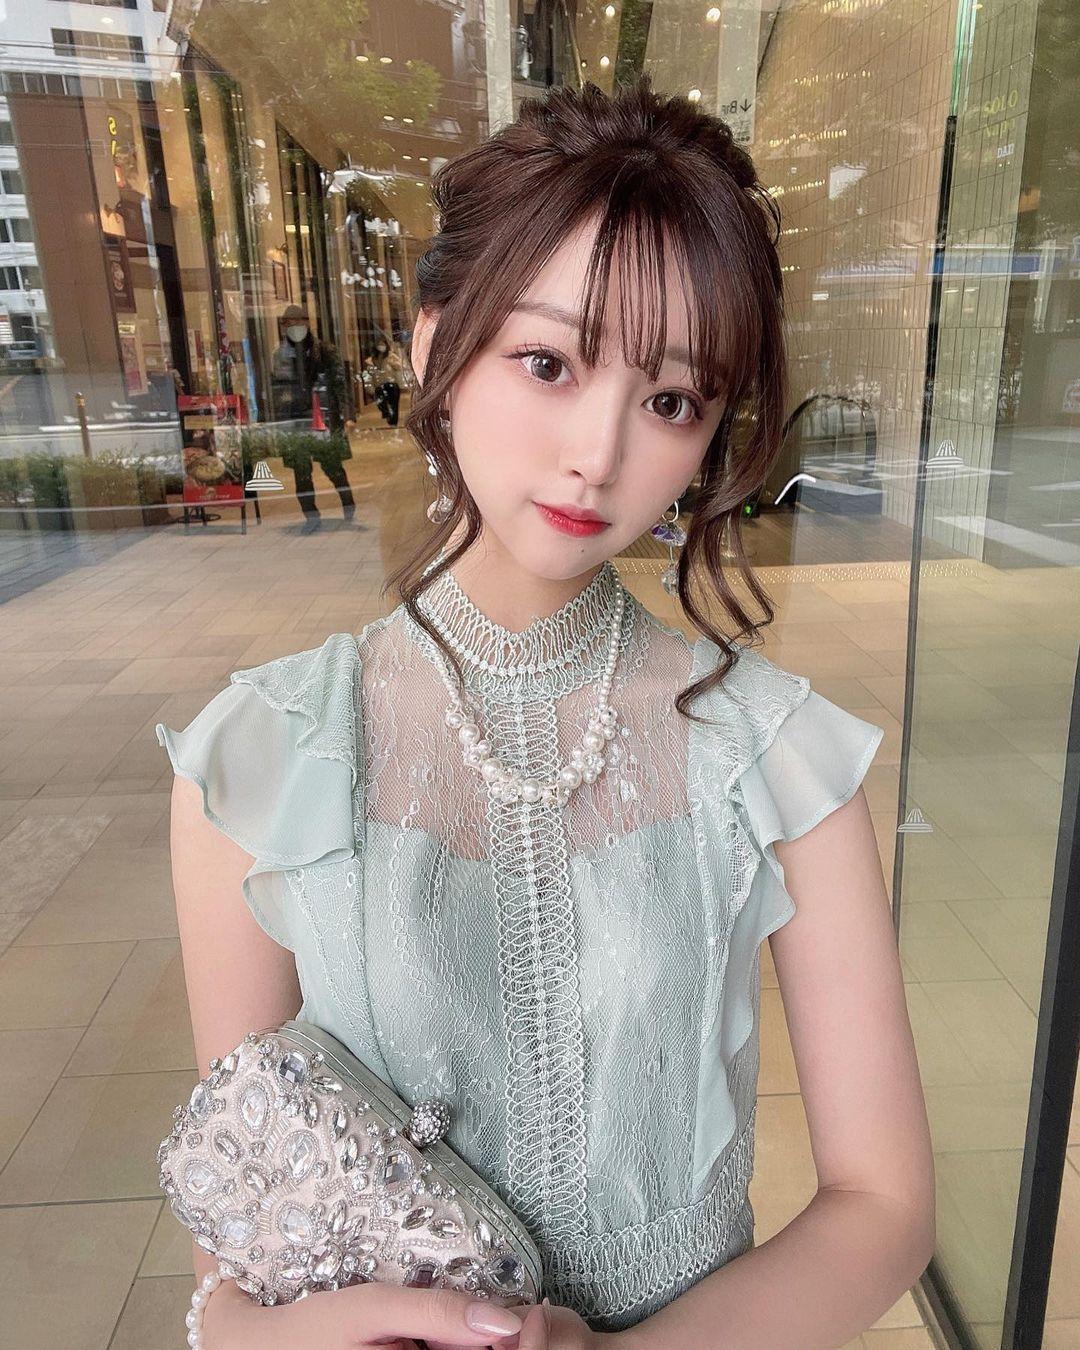 正翻了.名古屋「美女大学生」甜美又有气质,纤细小蛮腰超迷人. 日本美女 邻家女孩 美少女 养眼图片 第9张